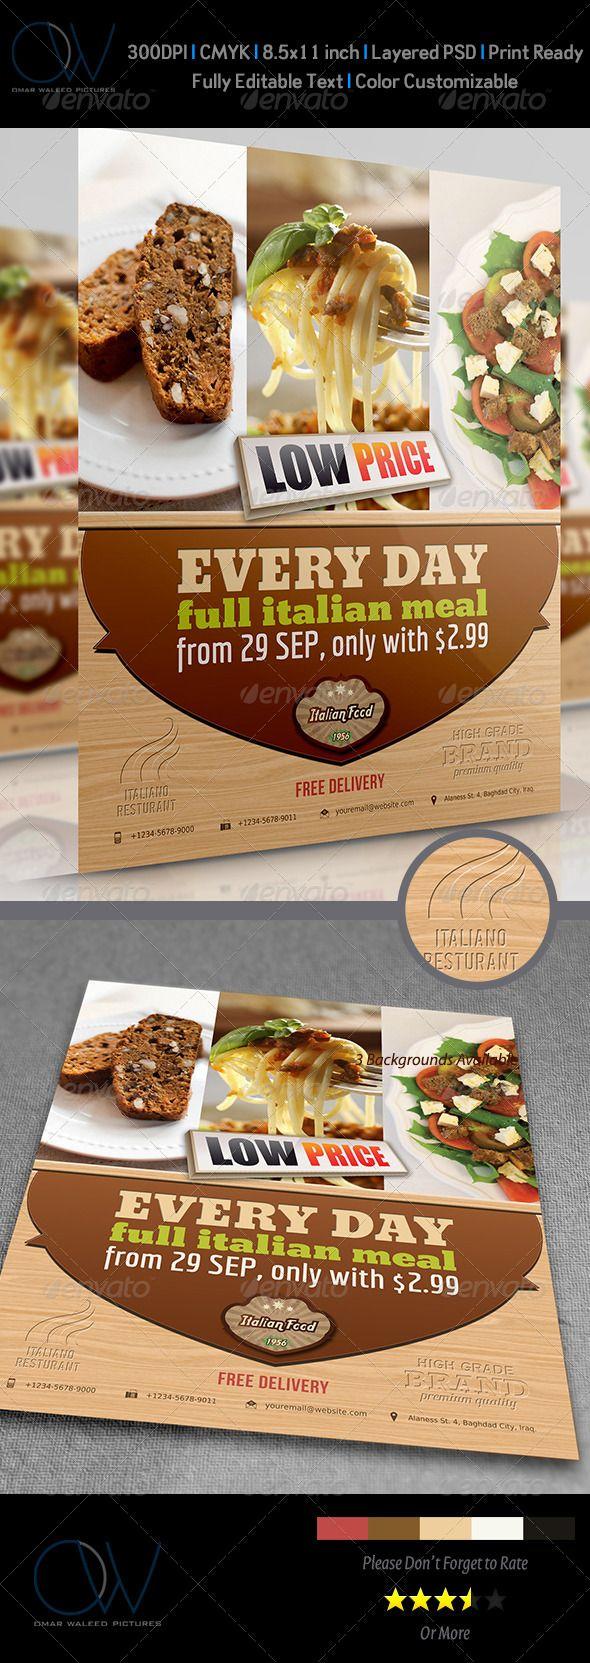 Italian Restaurant Flyer  Restaurants Brochures And Layout Design